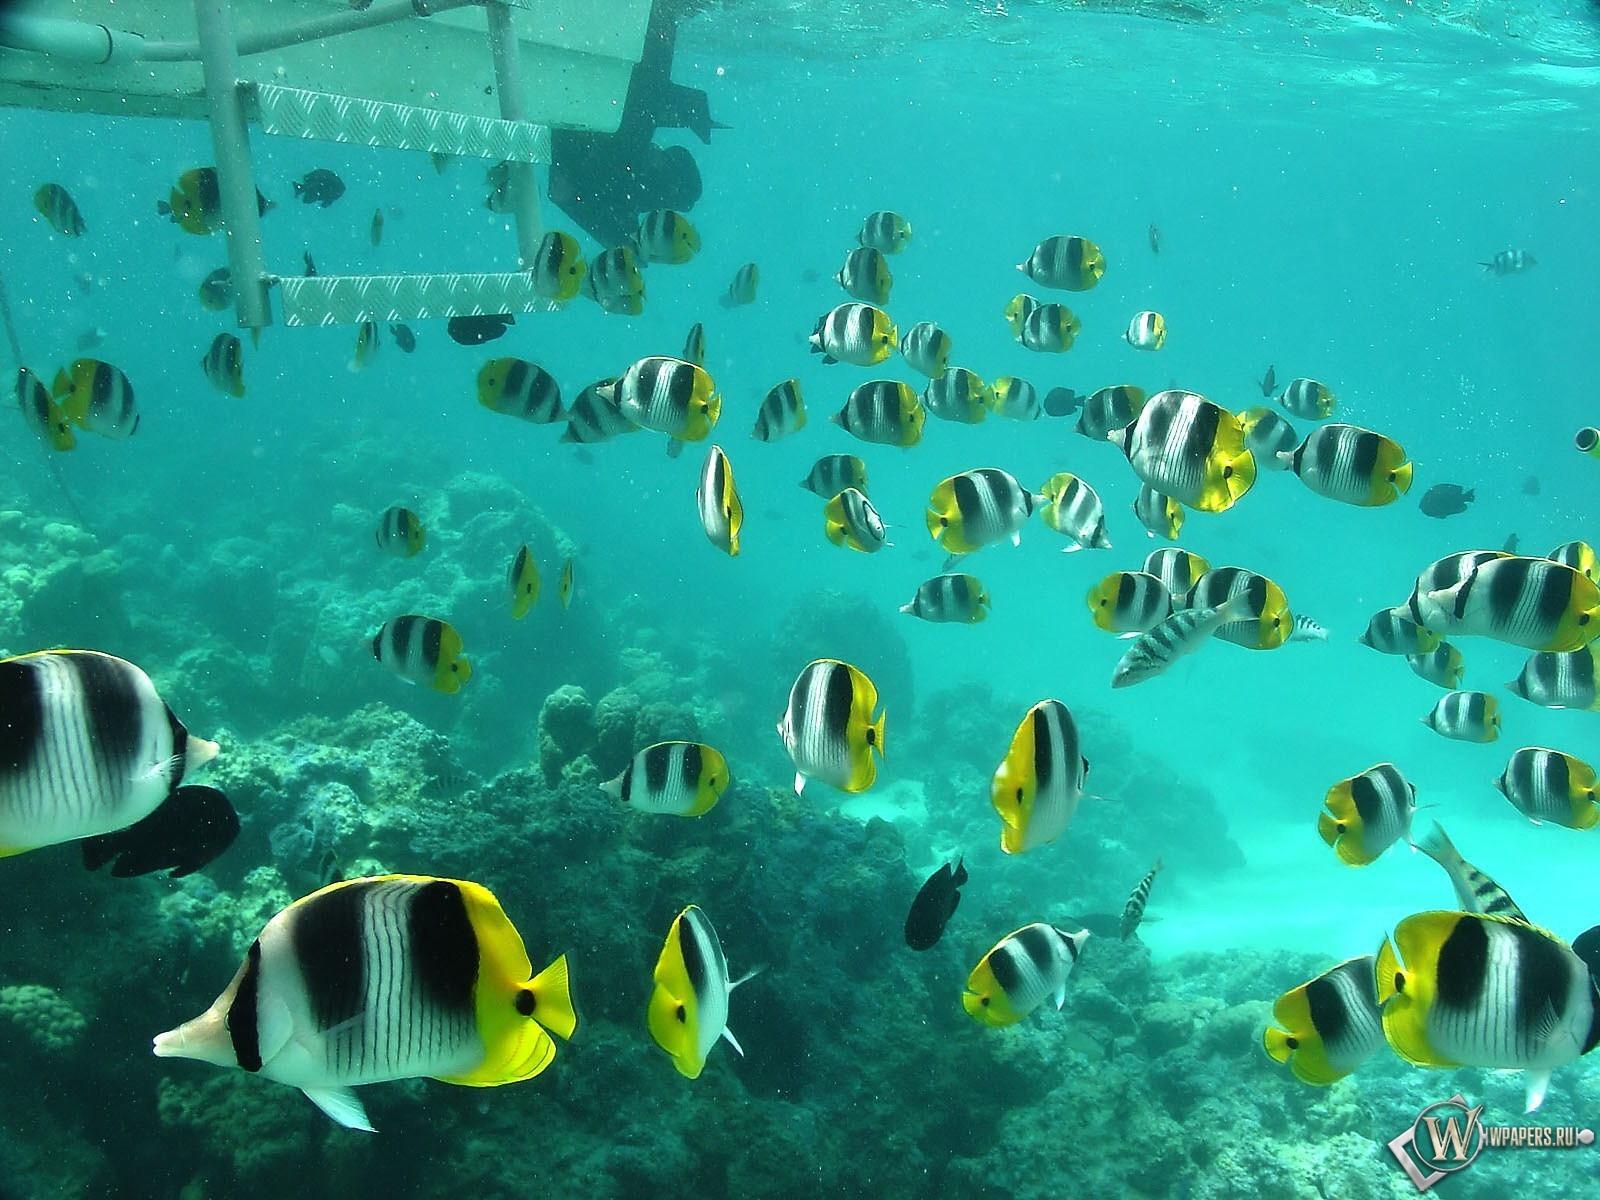 Полосатые рыбки 1600x1200